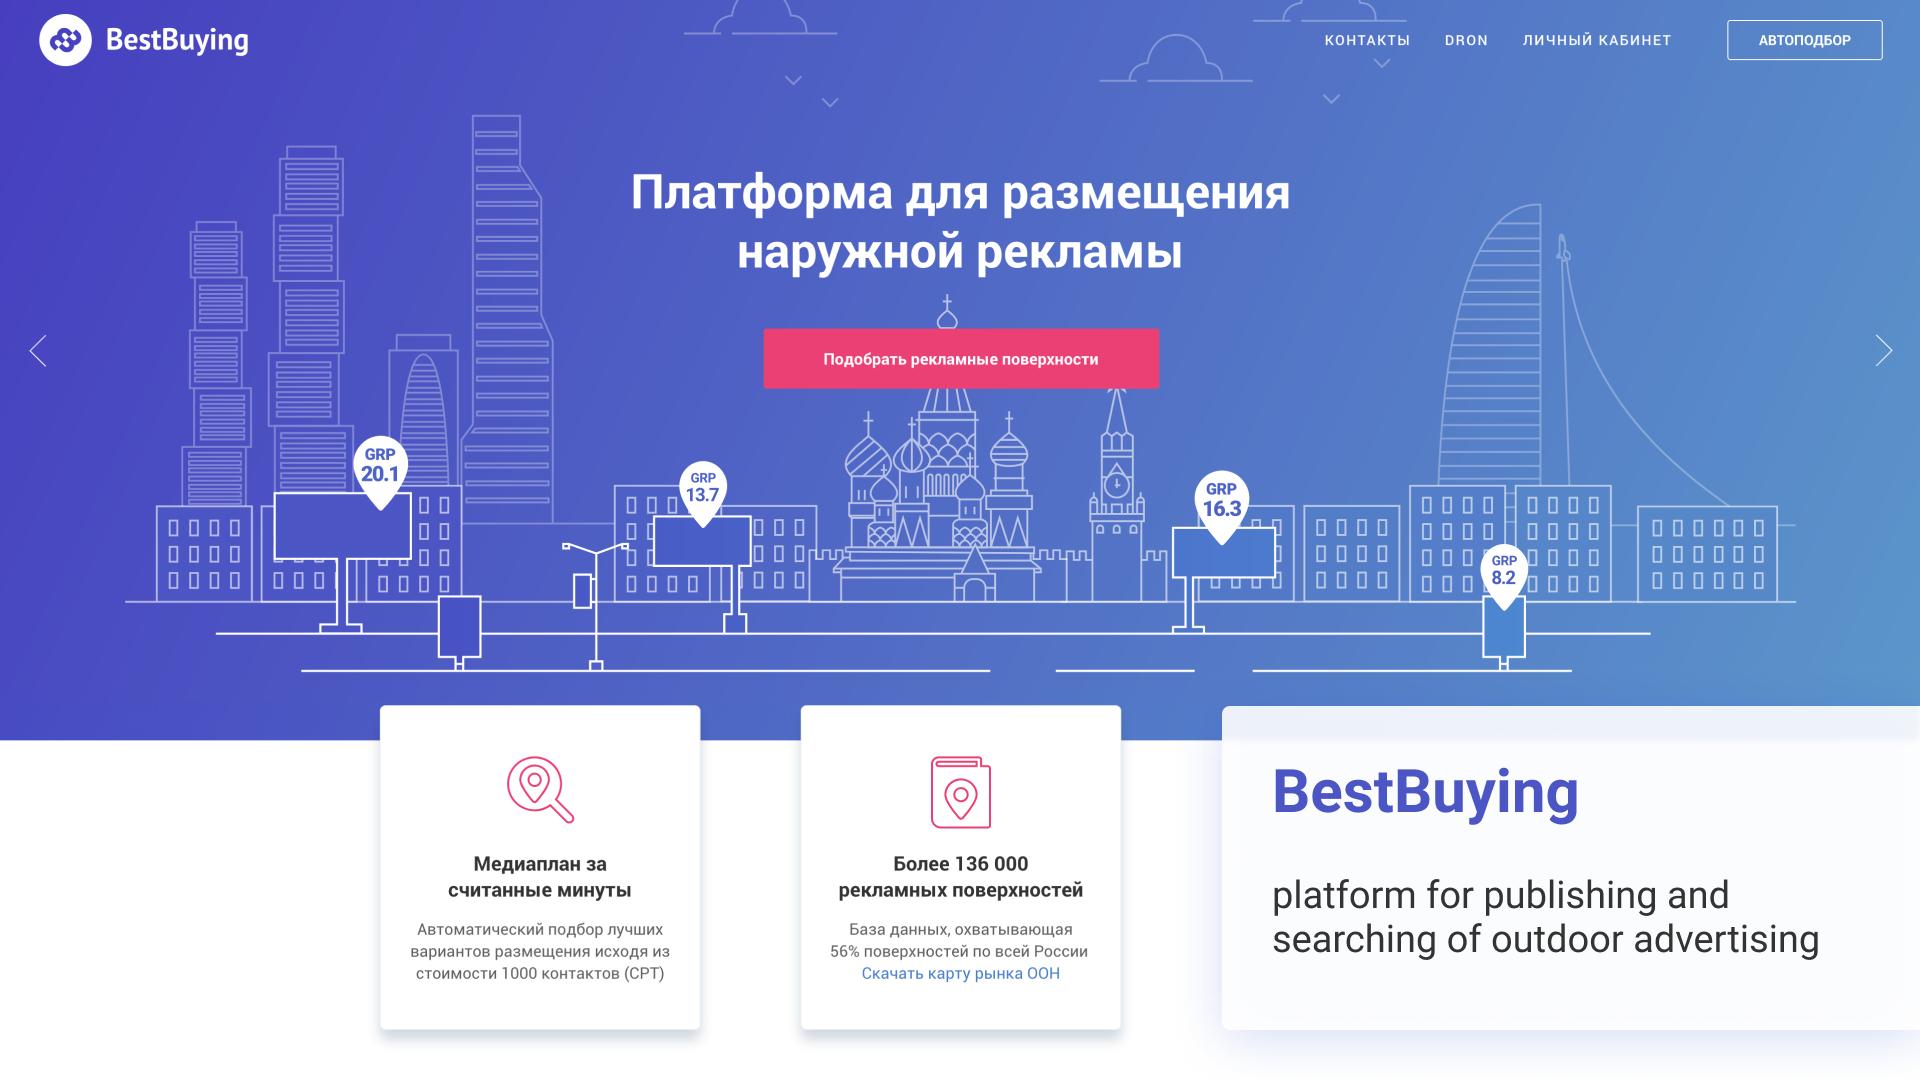 Проектирование, дизайн и разработка платформы BestBuying